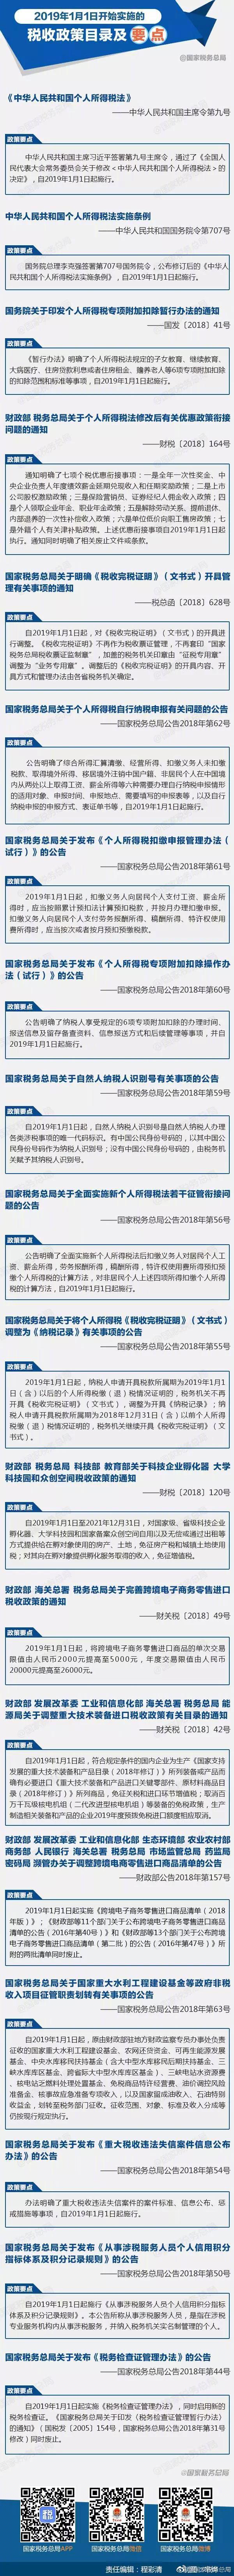 2019年1月1日开始实施的税收政策